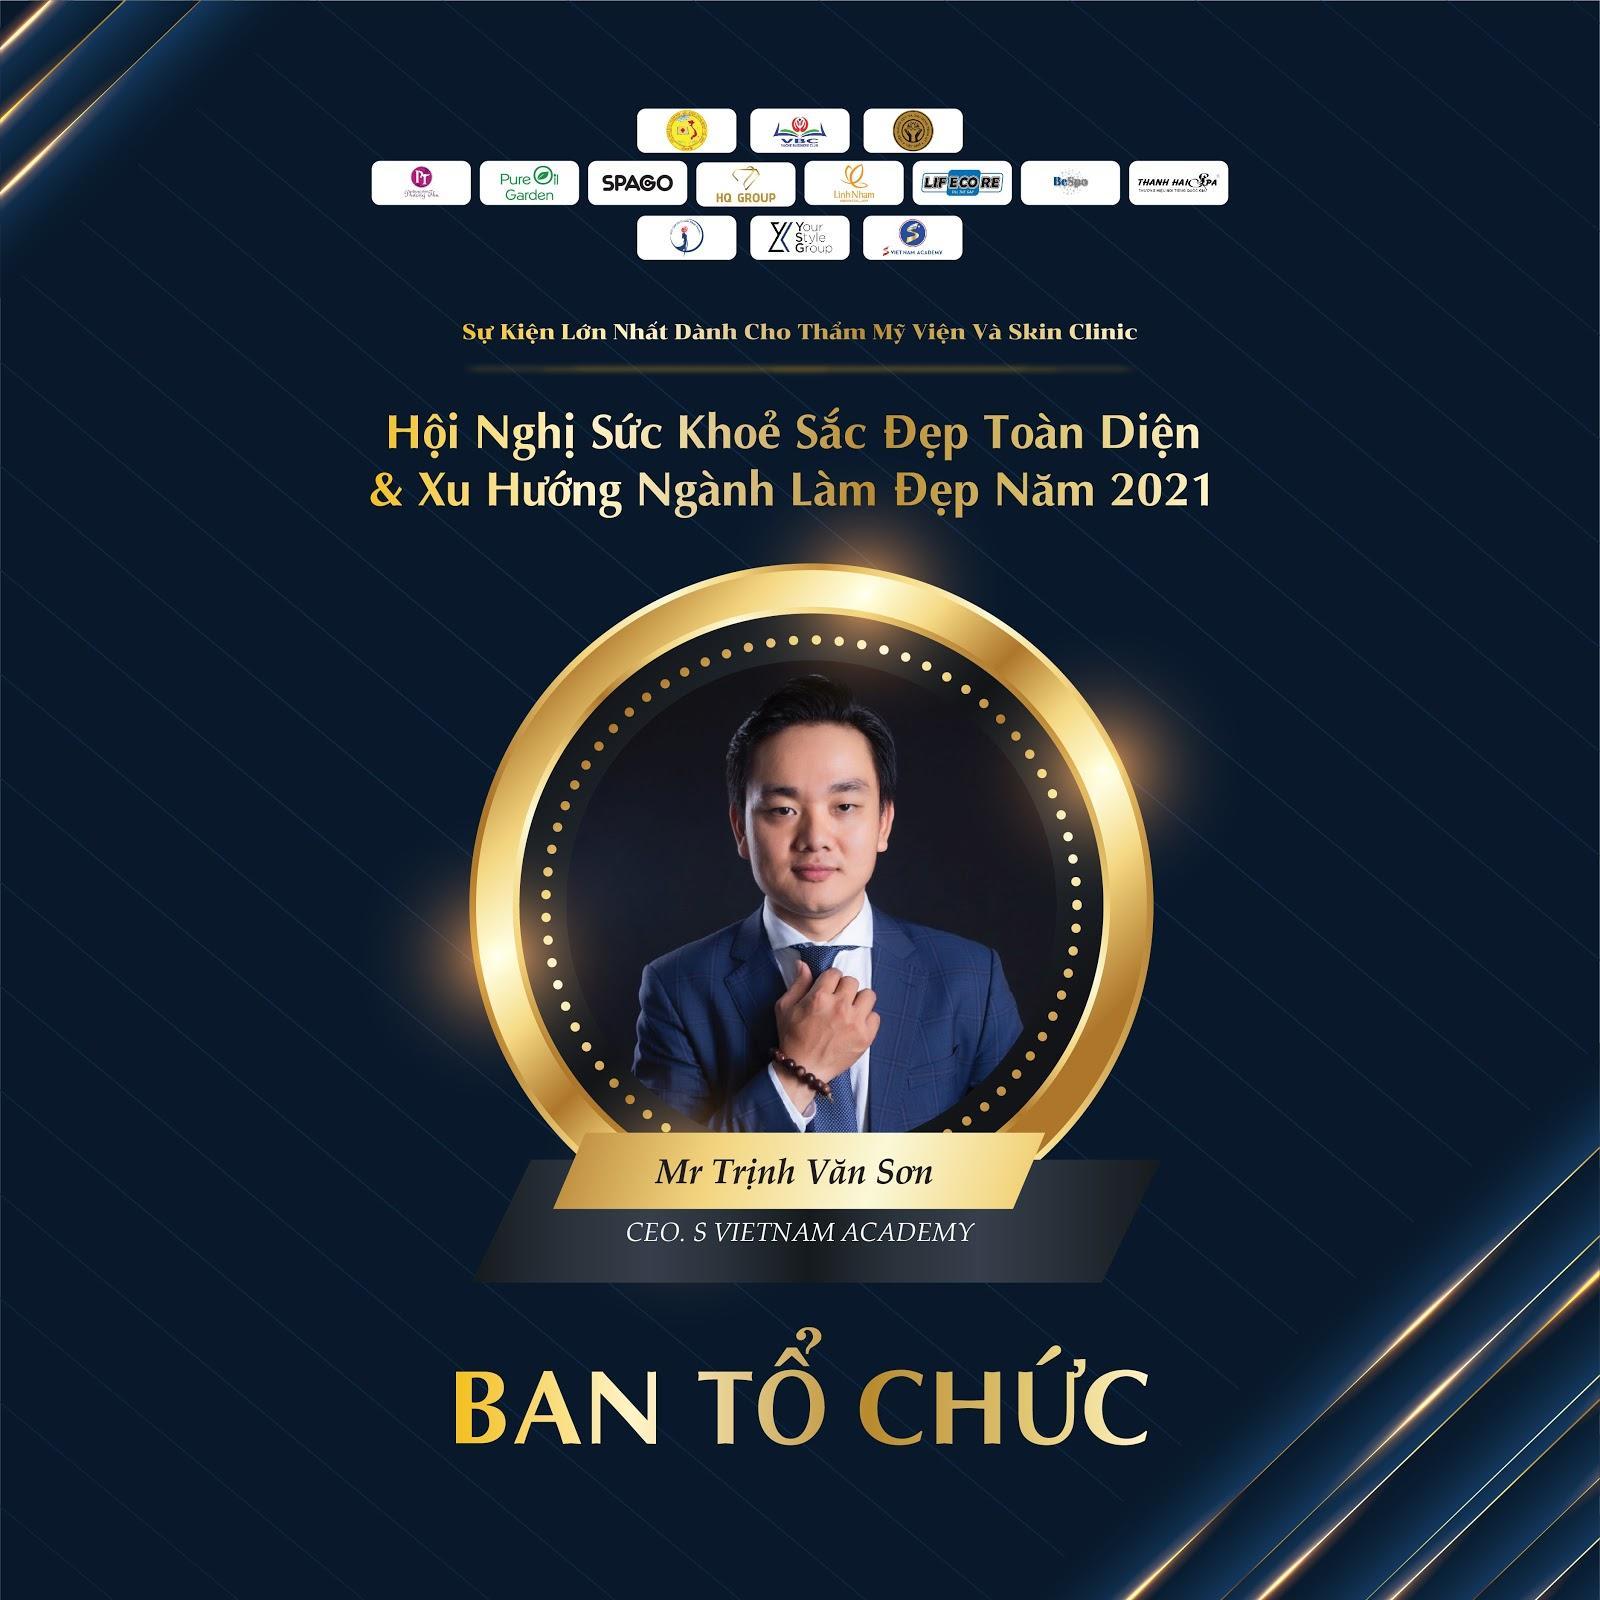 Ông Trịnh Văn Sơn CEO S Việt Nam - Thành viên Ban tổ chức tại Hội nghị sức khỏe sắc đẹp toàn diện và xu hướng ngành làm đẹp 2021 - Ảnh 1